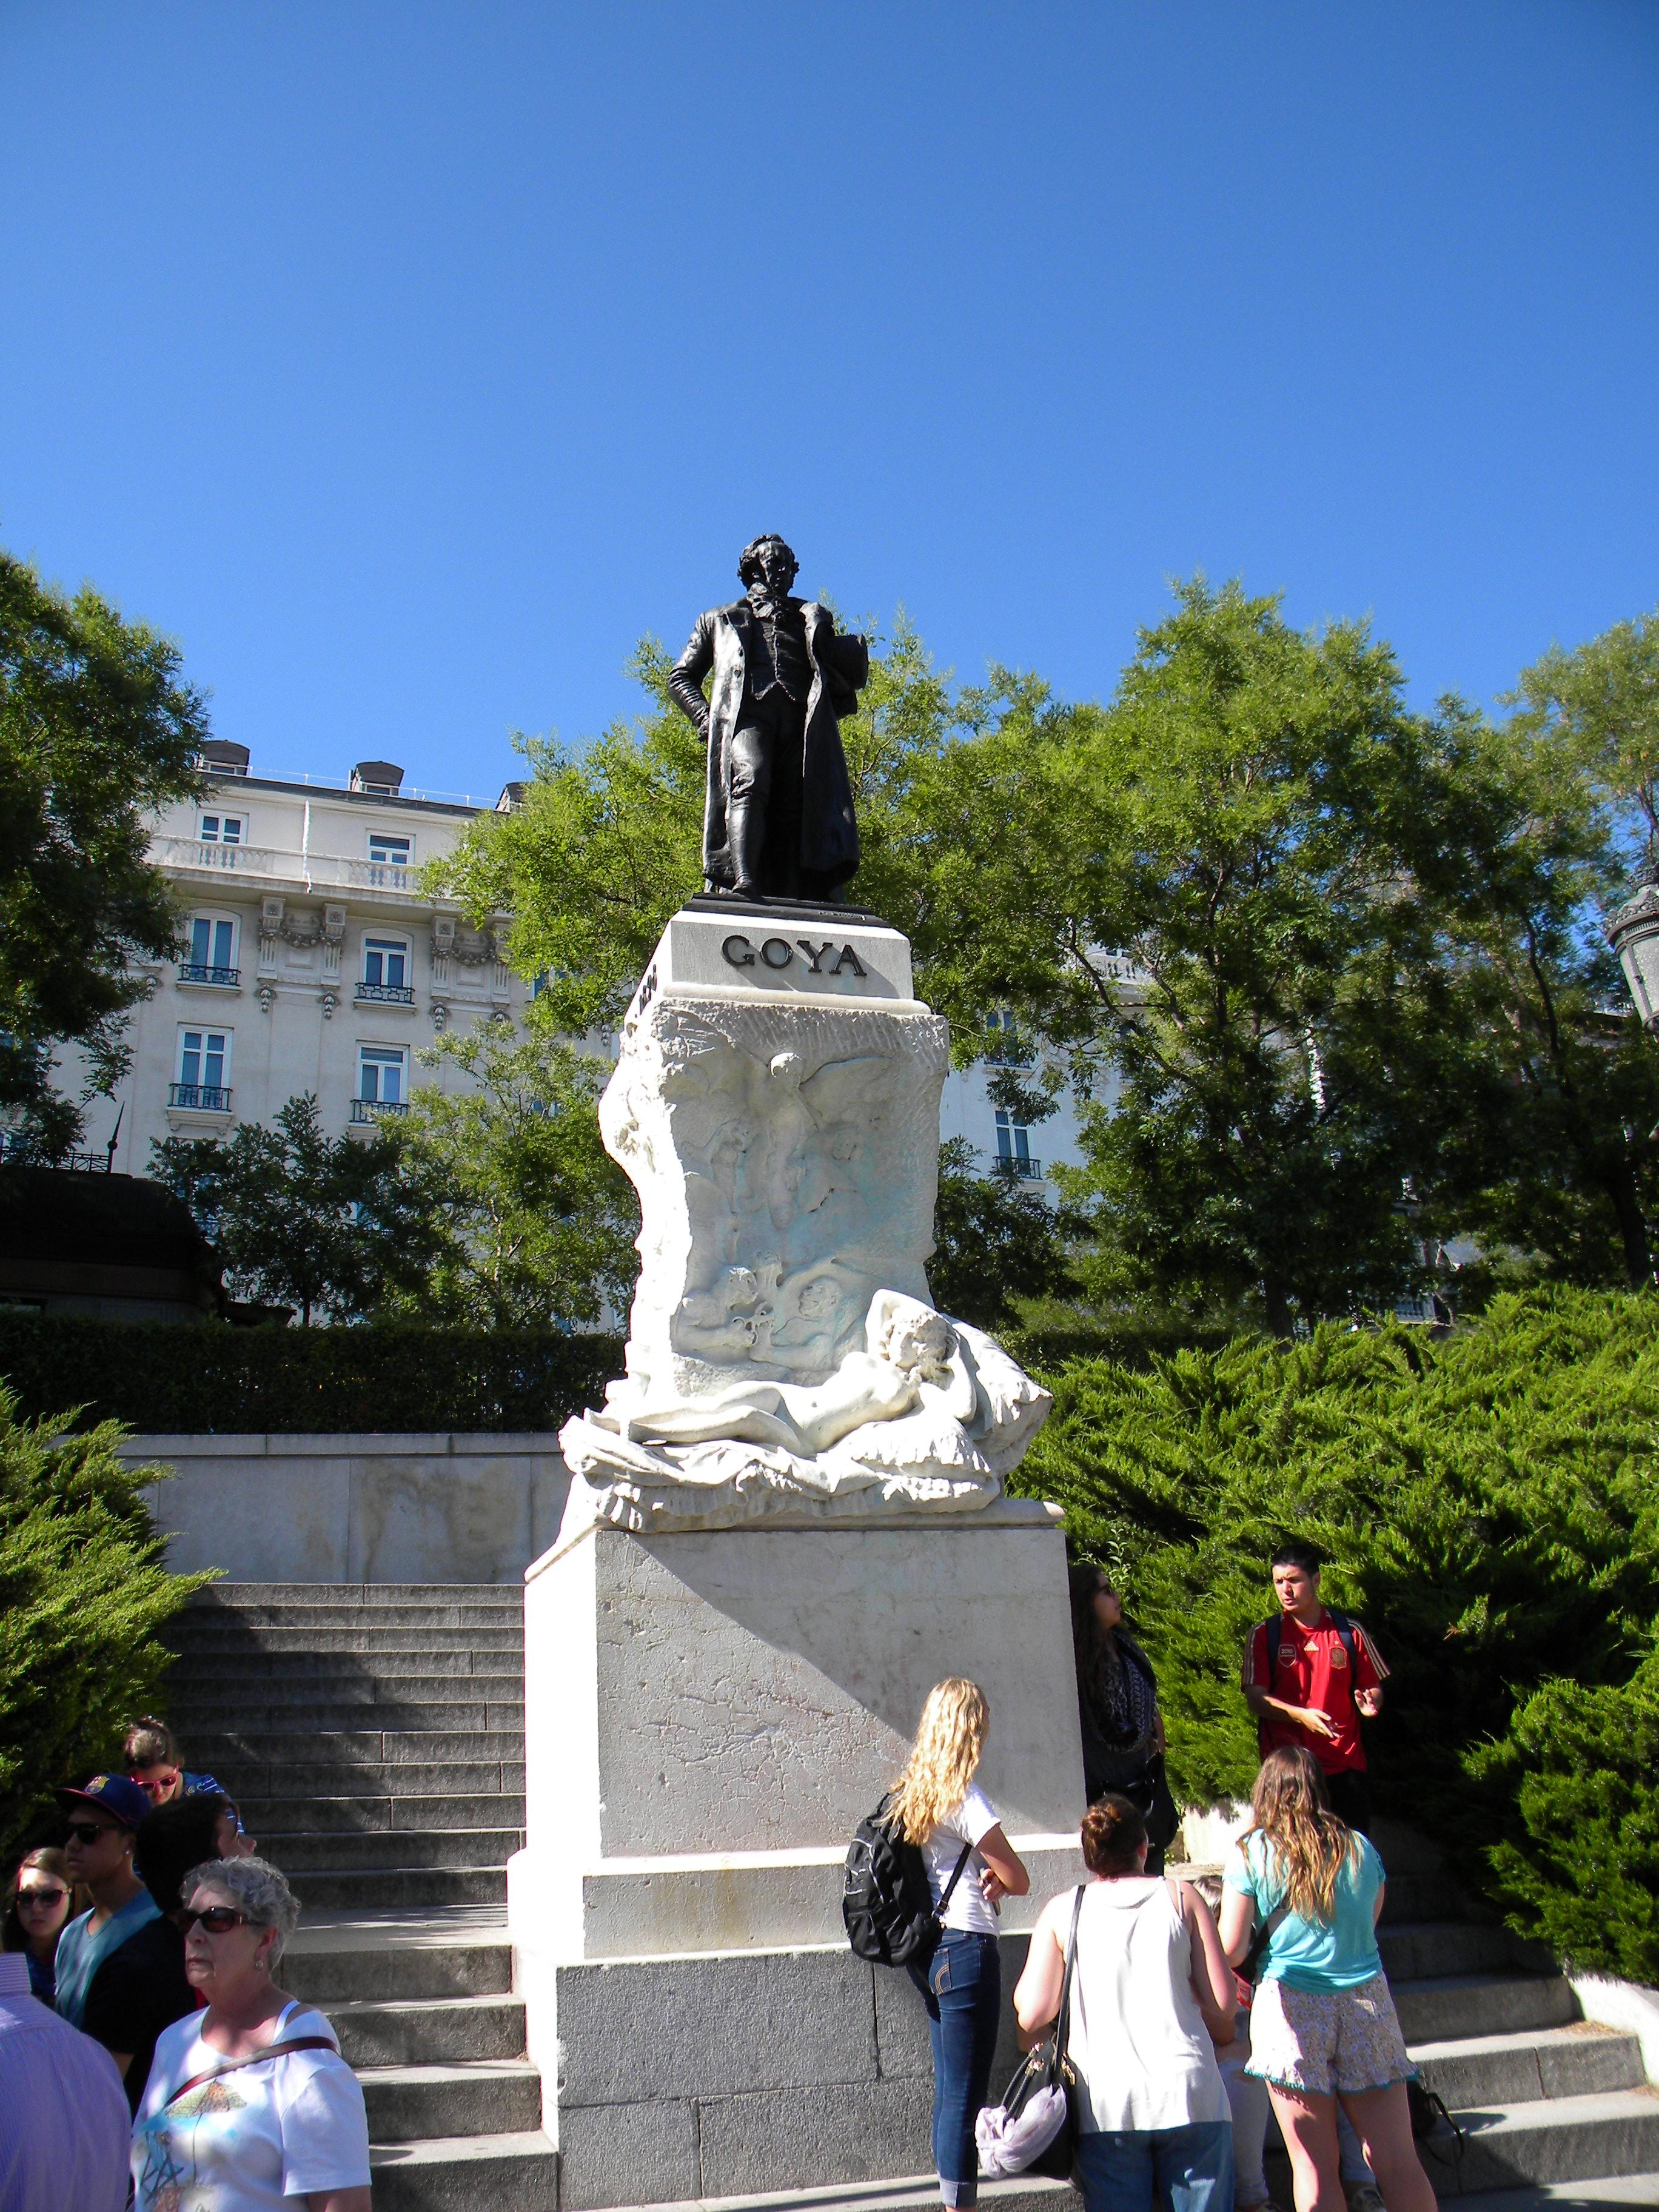 28 Goya